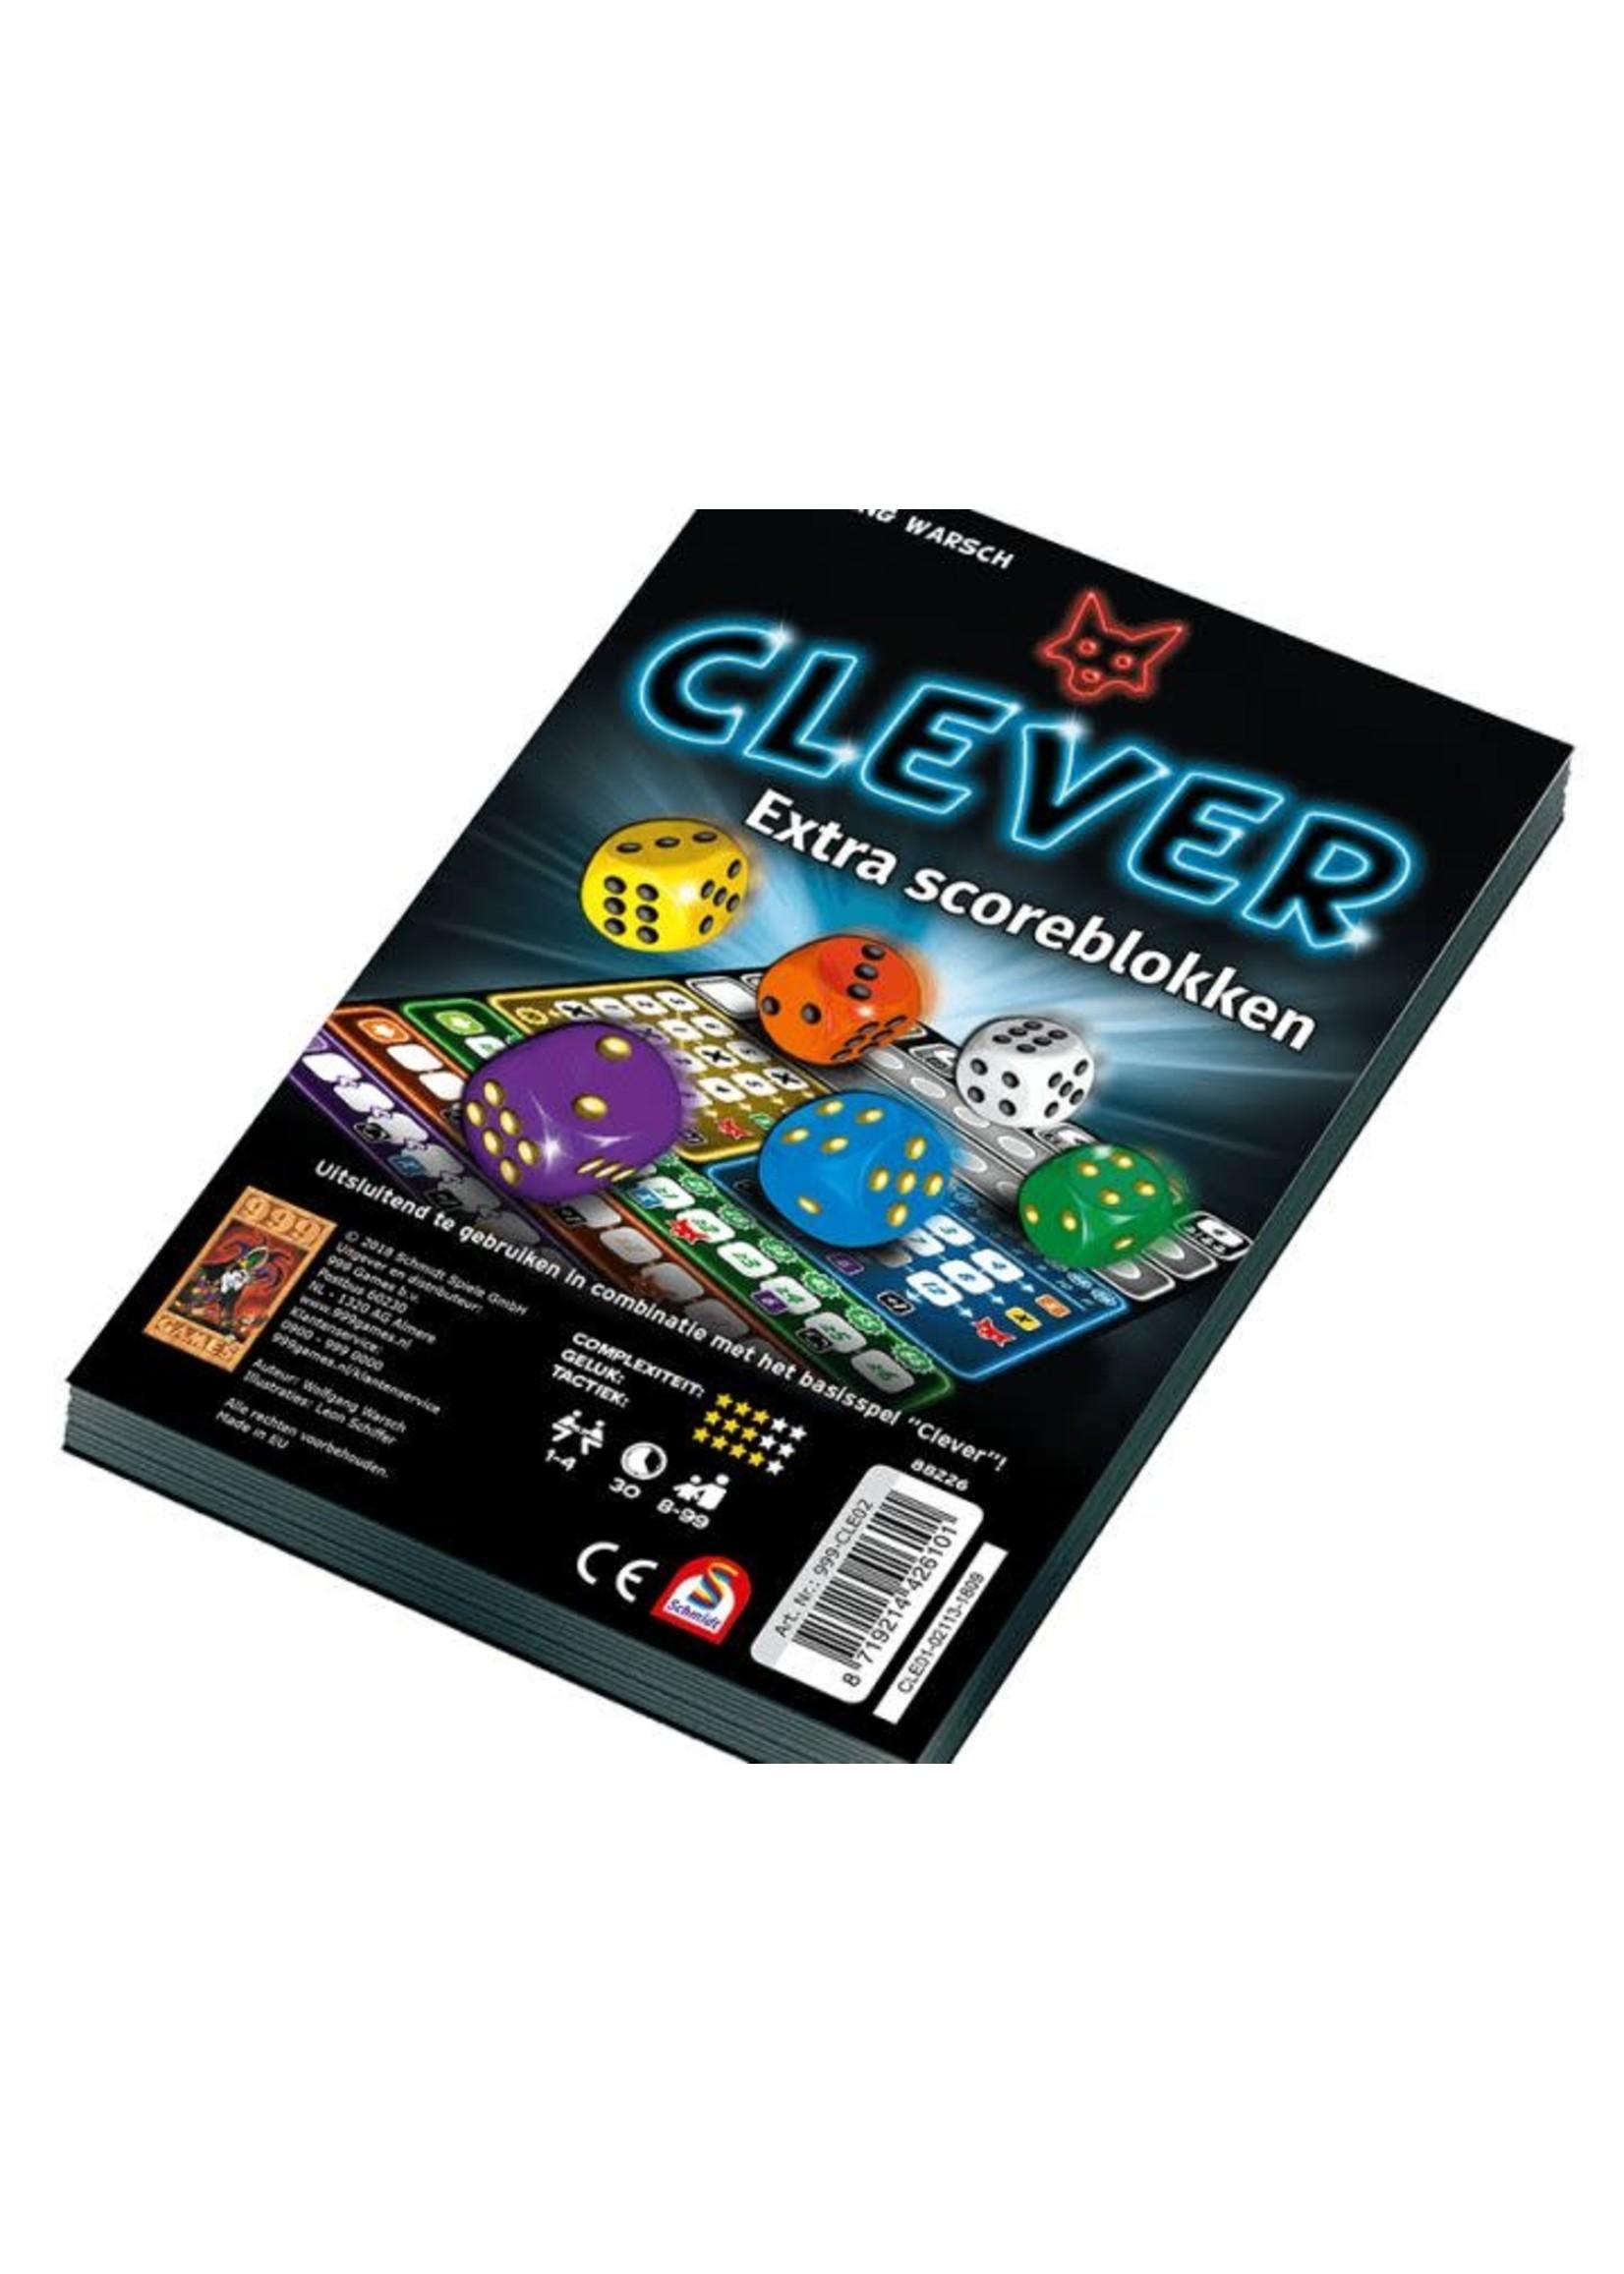 Clever Extra Scoreblokken (2 Stuks)